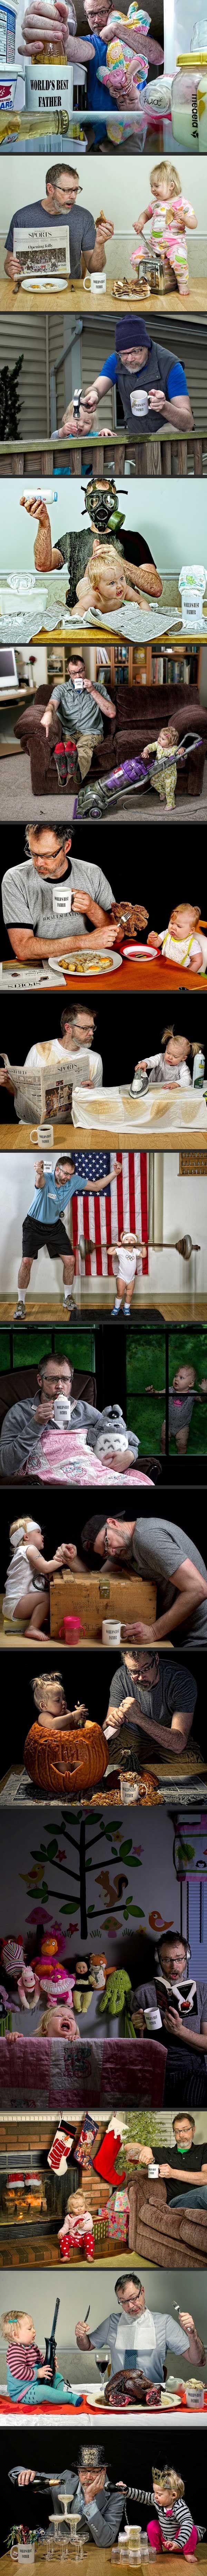 World's Best Dad. This is soooooo funny